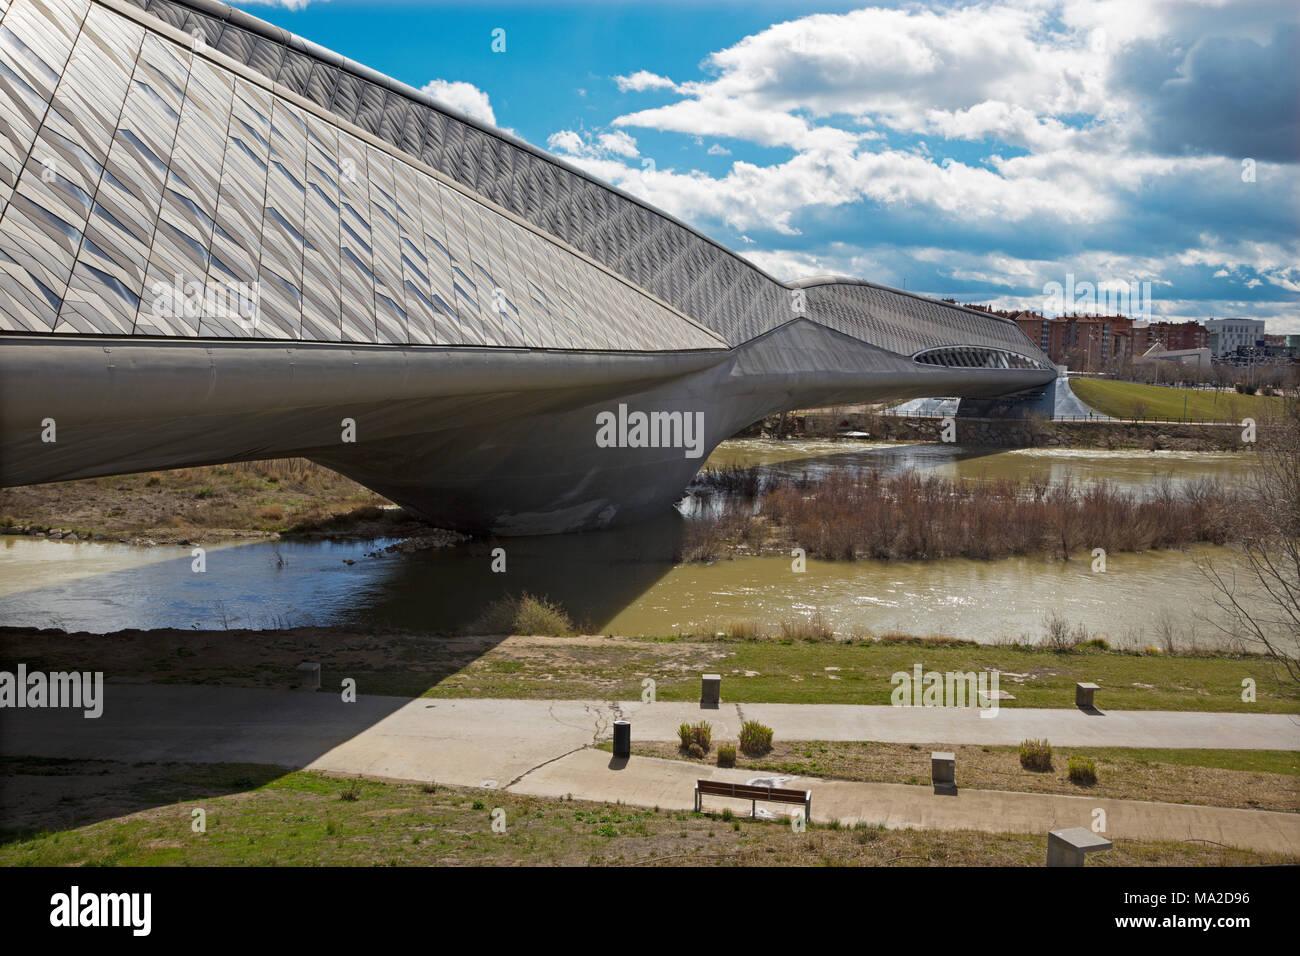 Zaragoza - The Zaha Hadid bridge Stock Photo